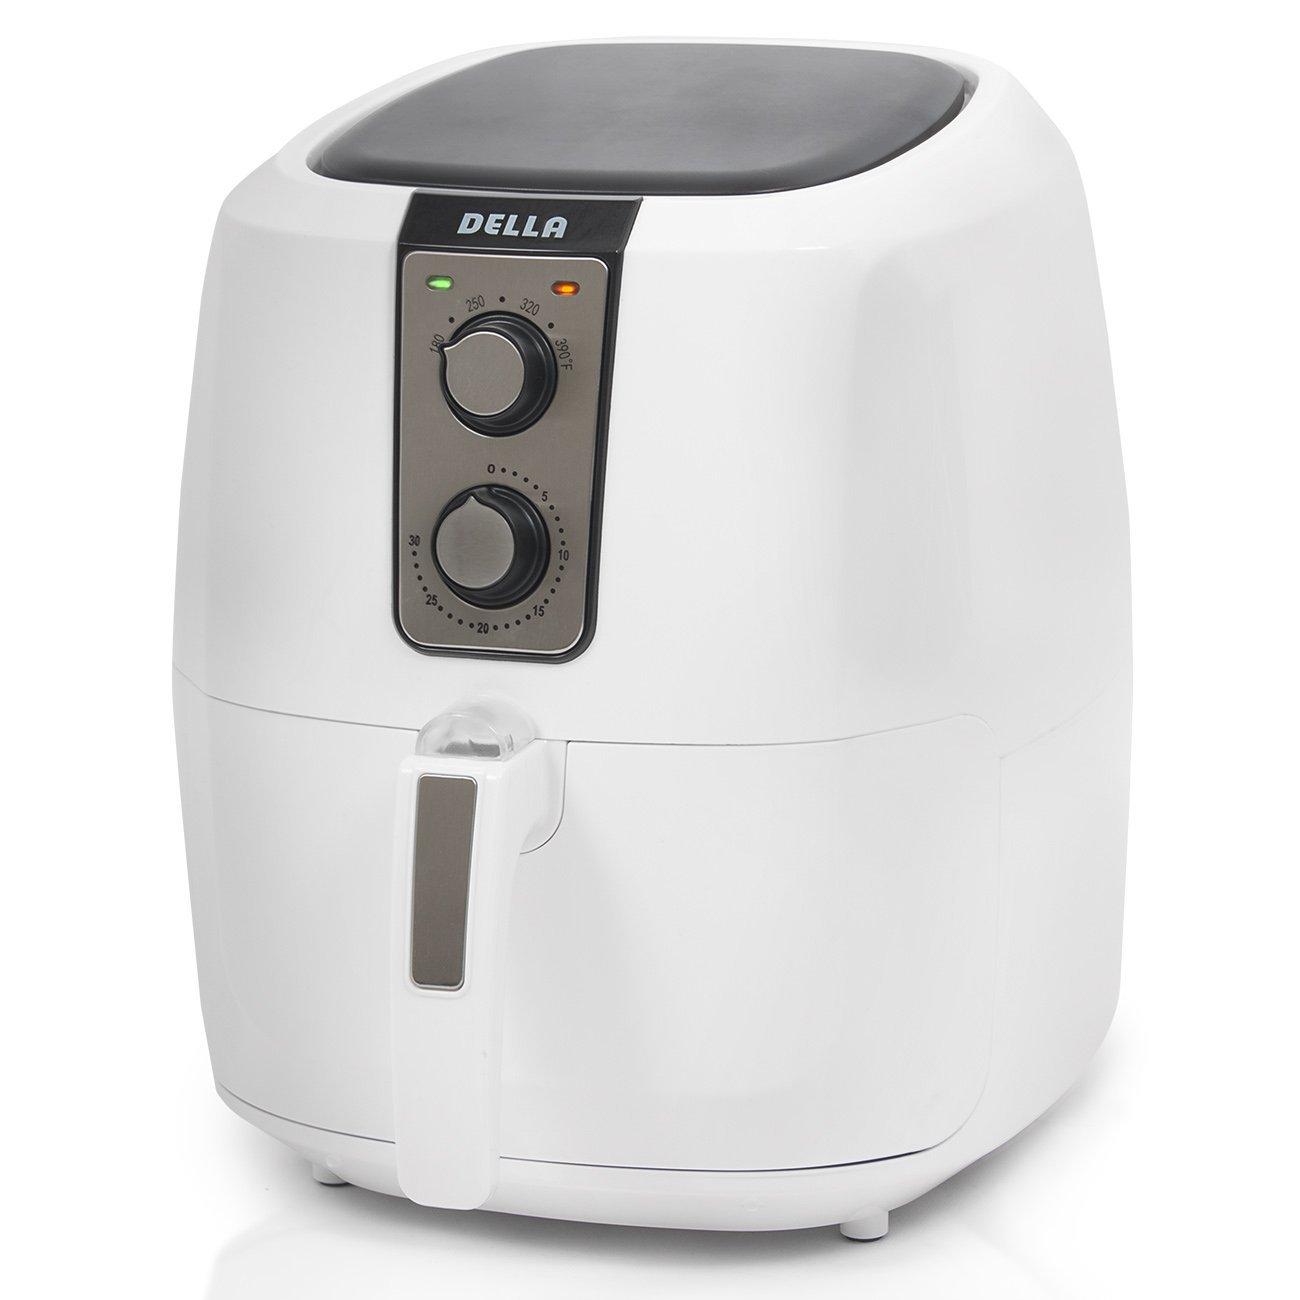 Della Electric Multipurpose Classic Rapid Air Fryer